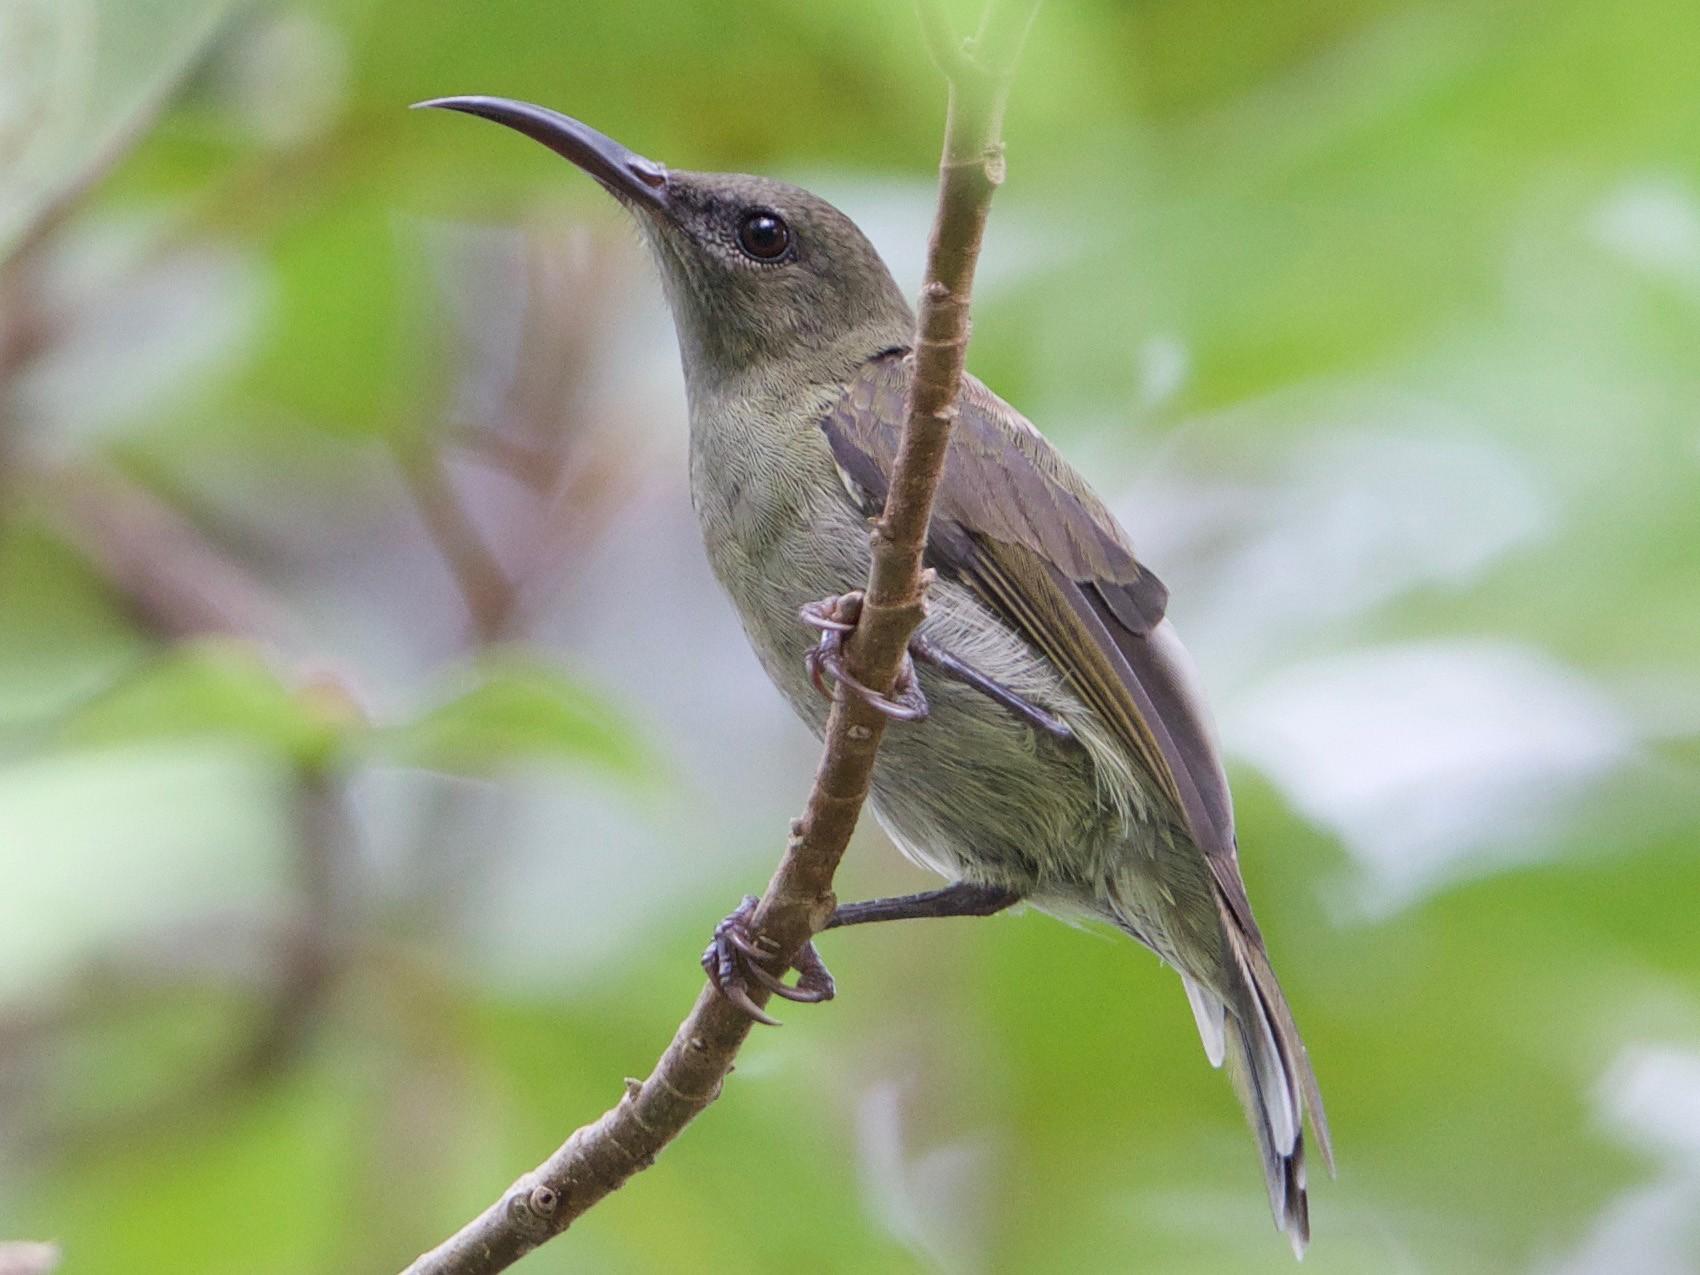 Vigors's Sunbird - Snehasis Sinha